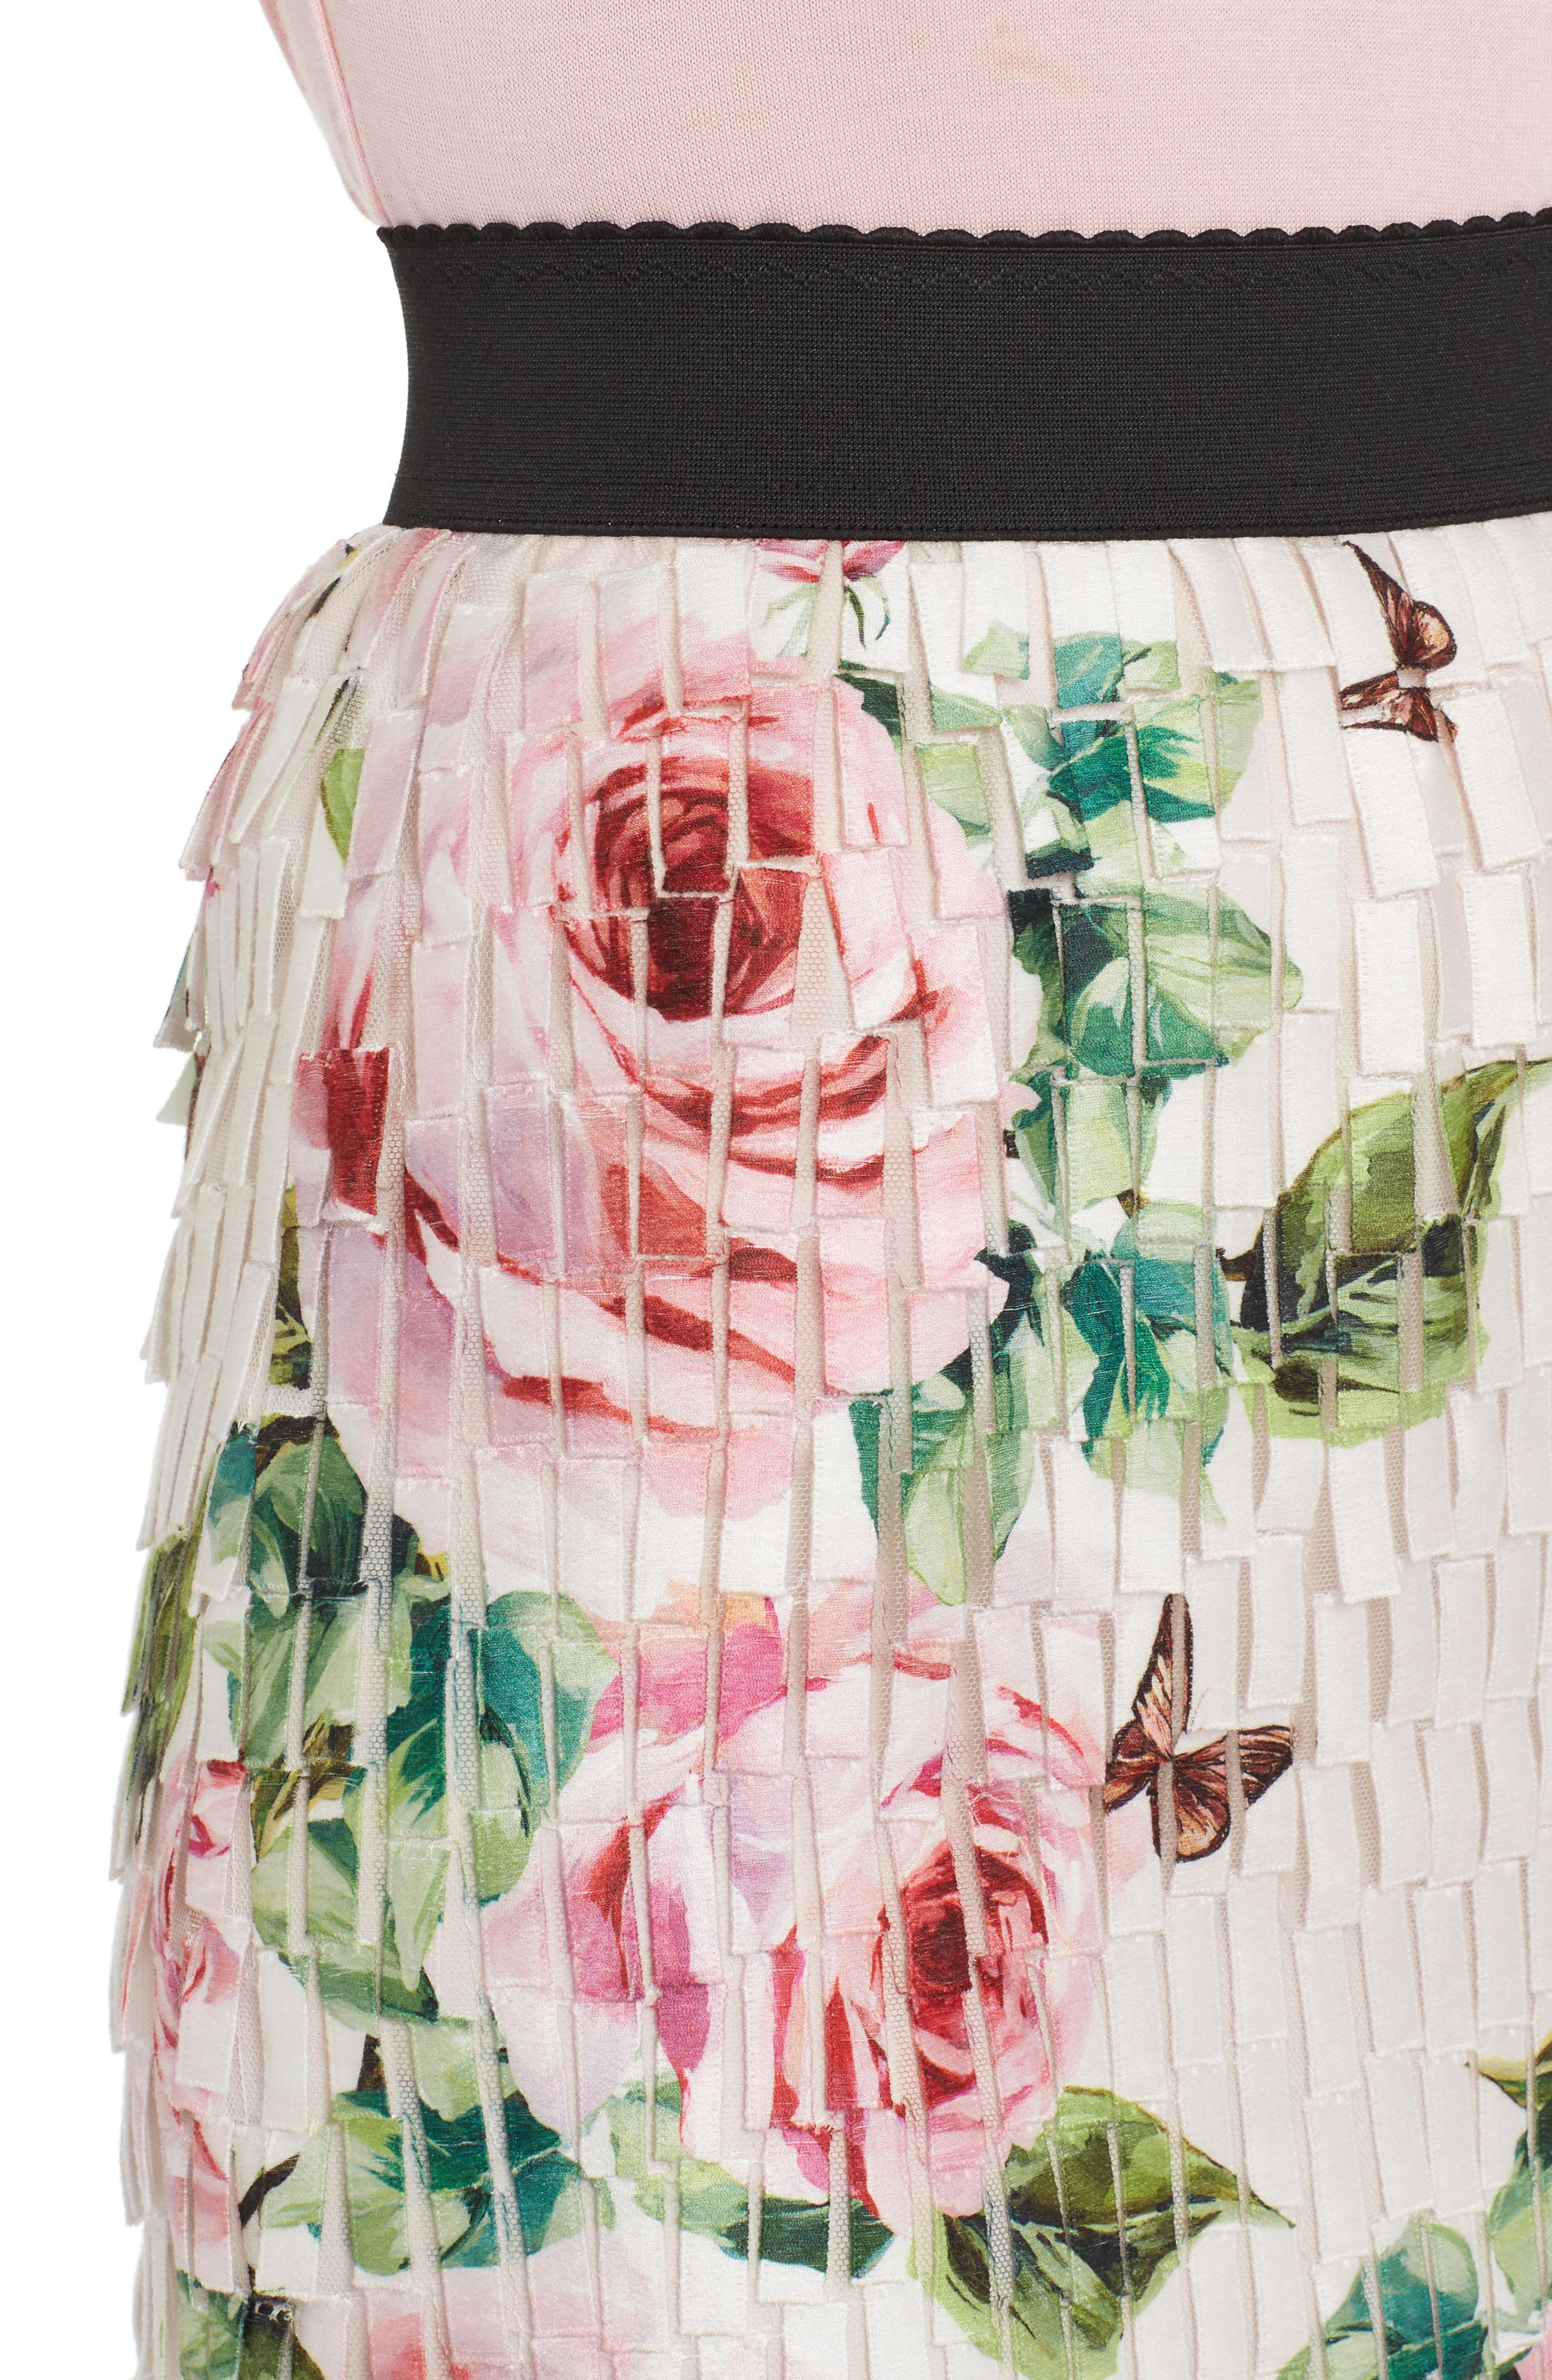 Rose Print Fringe Skirt,                             Alternate thumbnail 4, color,                             680